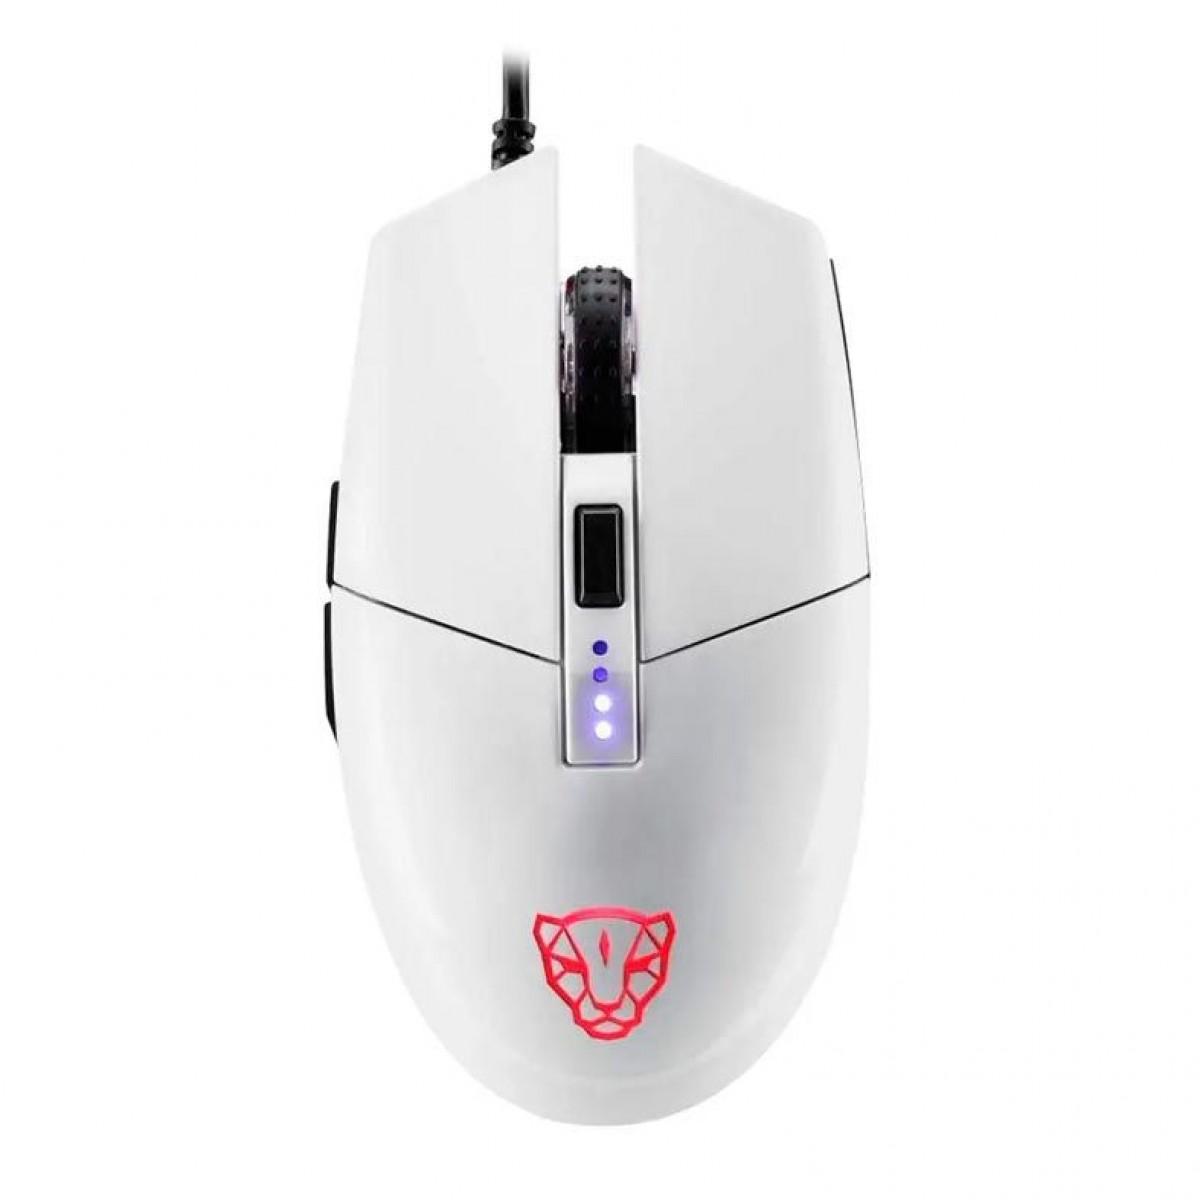 Mouse Gamer Motospeed V50 4000 DPI, RGB Backlight, White, FMSMS0005BRO